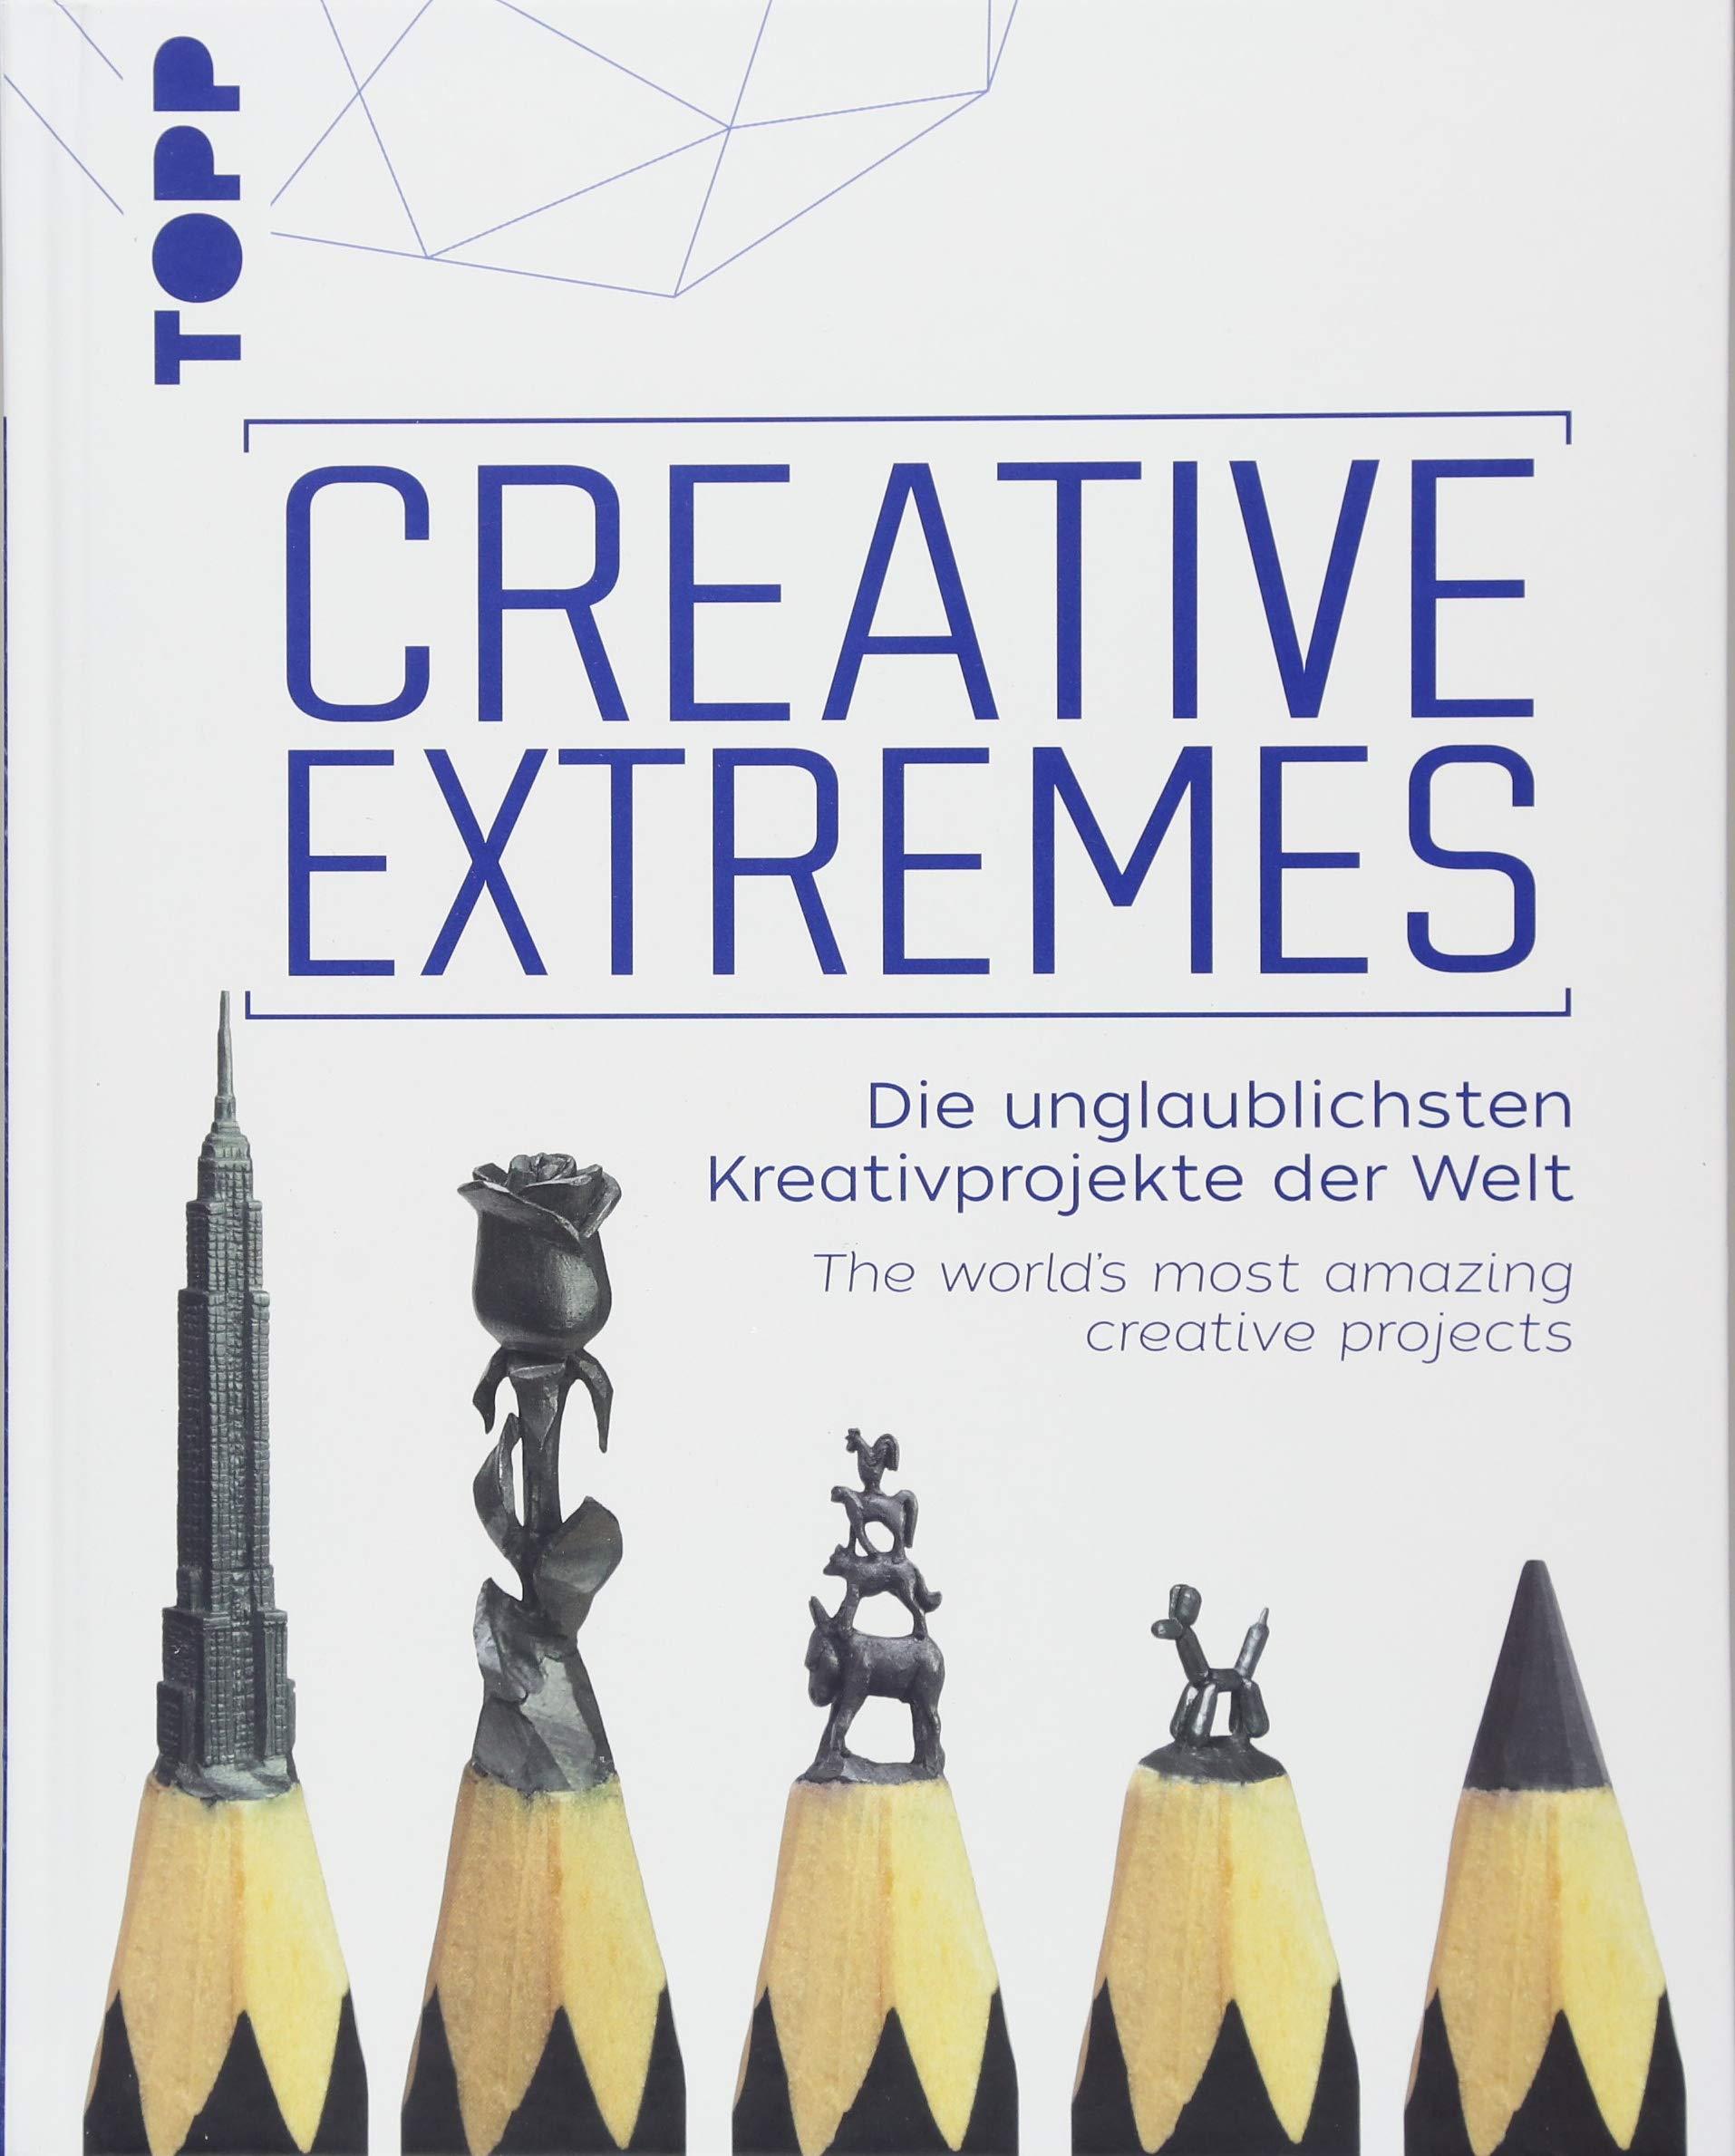 creative-extremes-die-unglaublichsten-kreativprojekte-der-welt-the-world-s-most-amazing-creative-projects-zweisprachige-ausgabe-deutsch-englisch